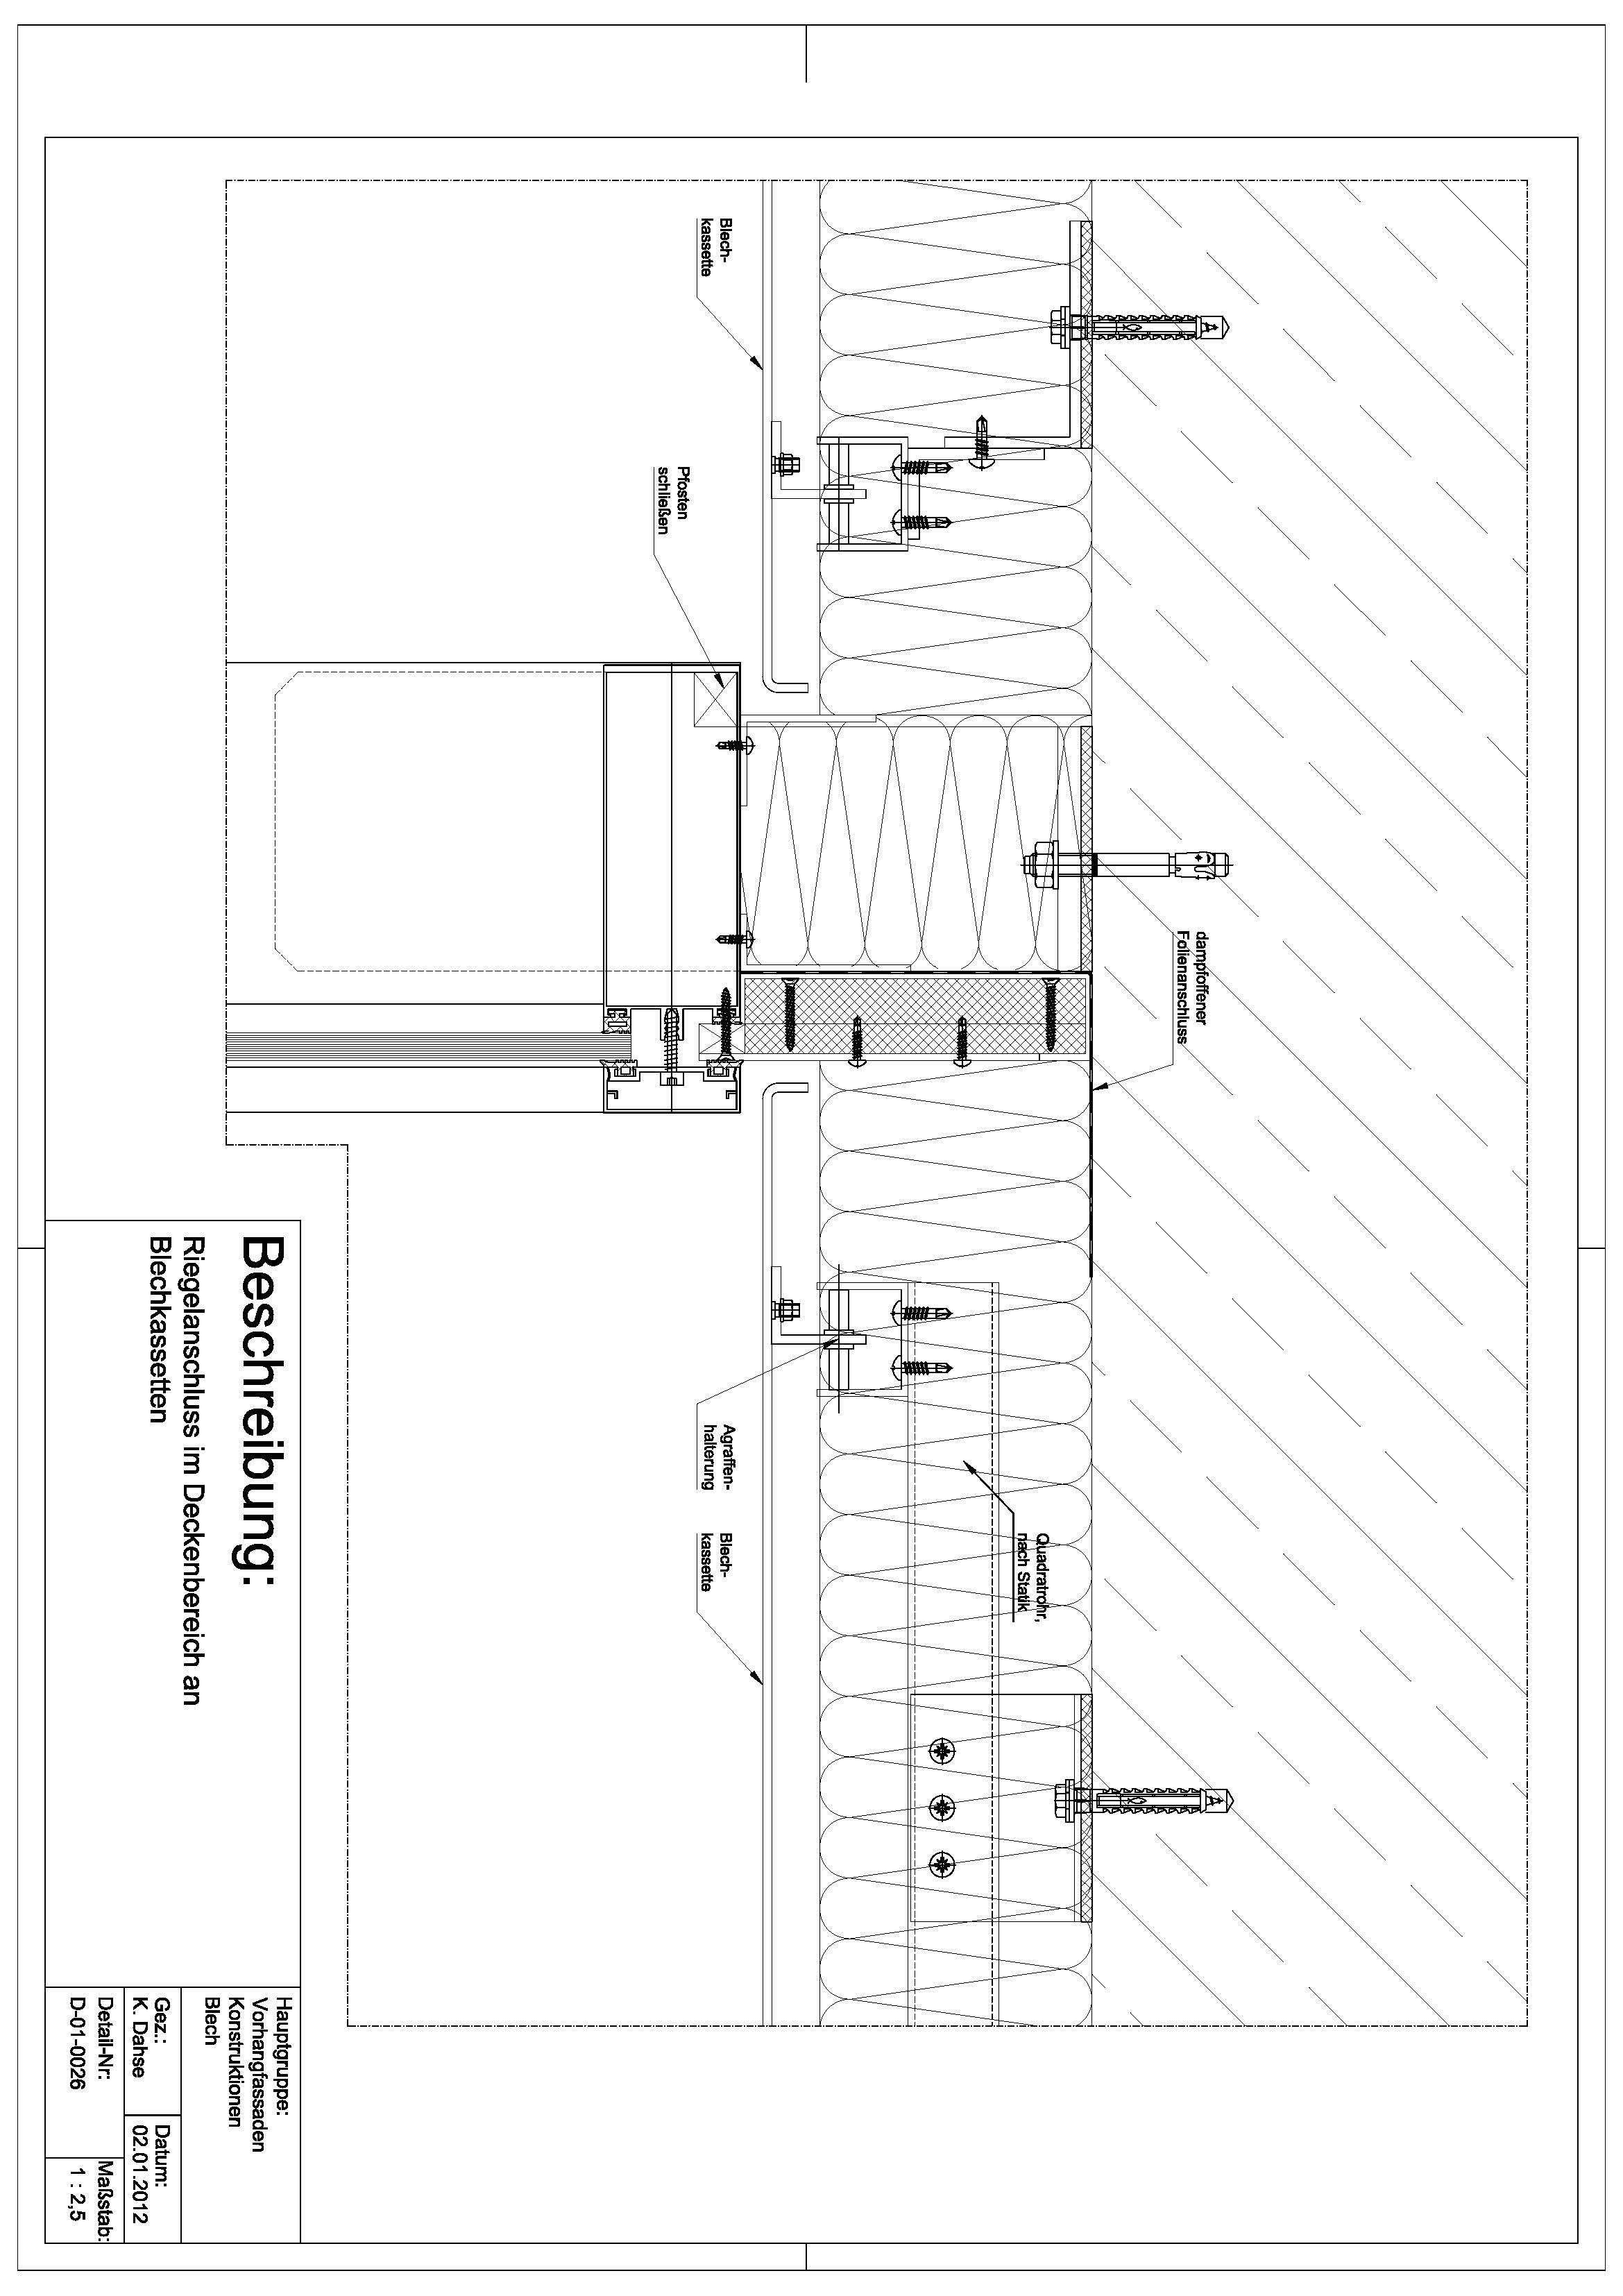 D-01-0026 Riegelanschluss im Deckenbereich an Blechkassetten